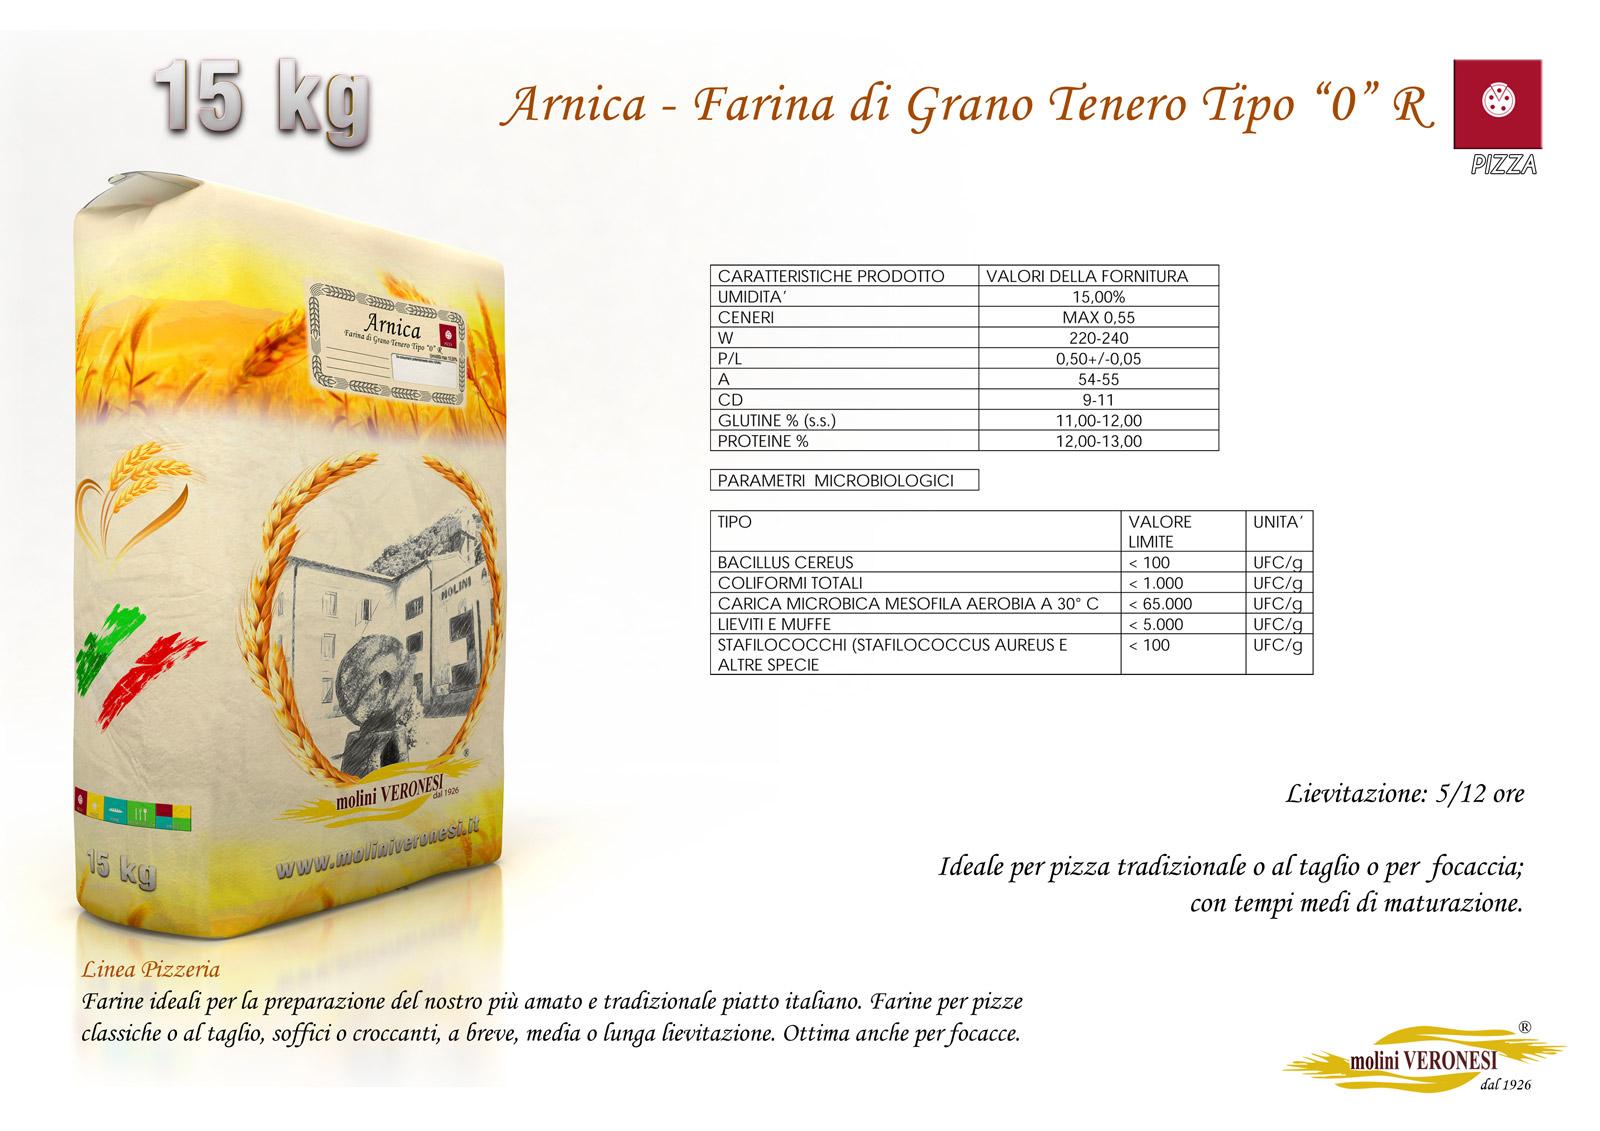 Arnica - Farina di Grano Tenero Tipo 0 R